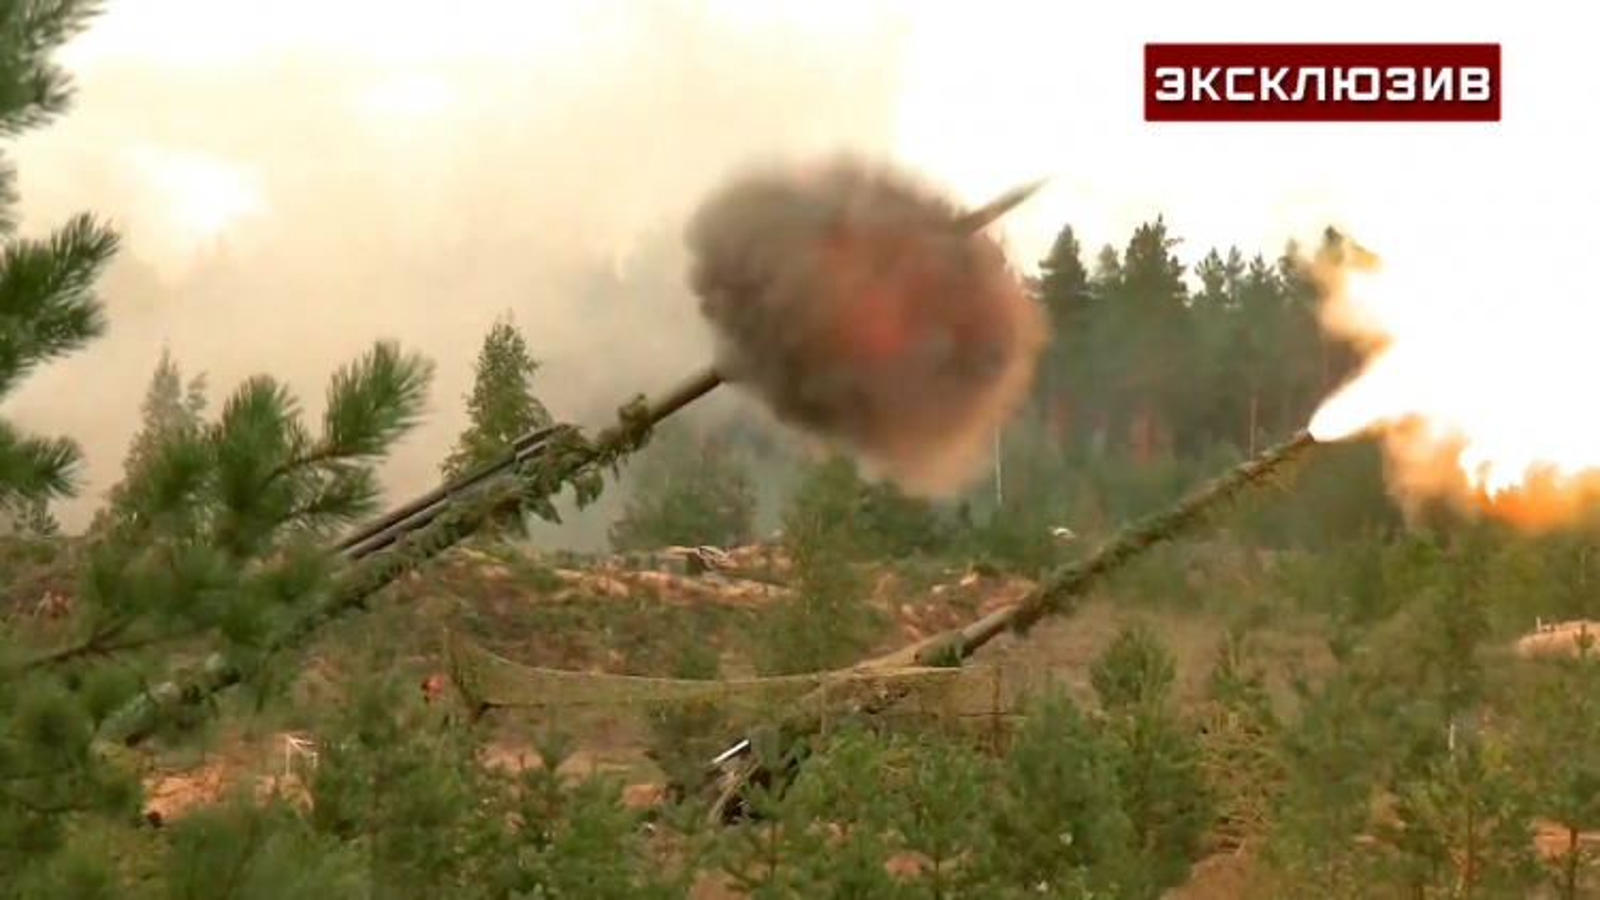 """Siêu pháo tự hành Msta và Malka của Nga """"biến kẻ thù thành cát bụi"""" trong tập trận Zapad"""